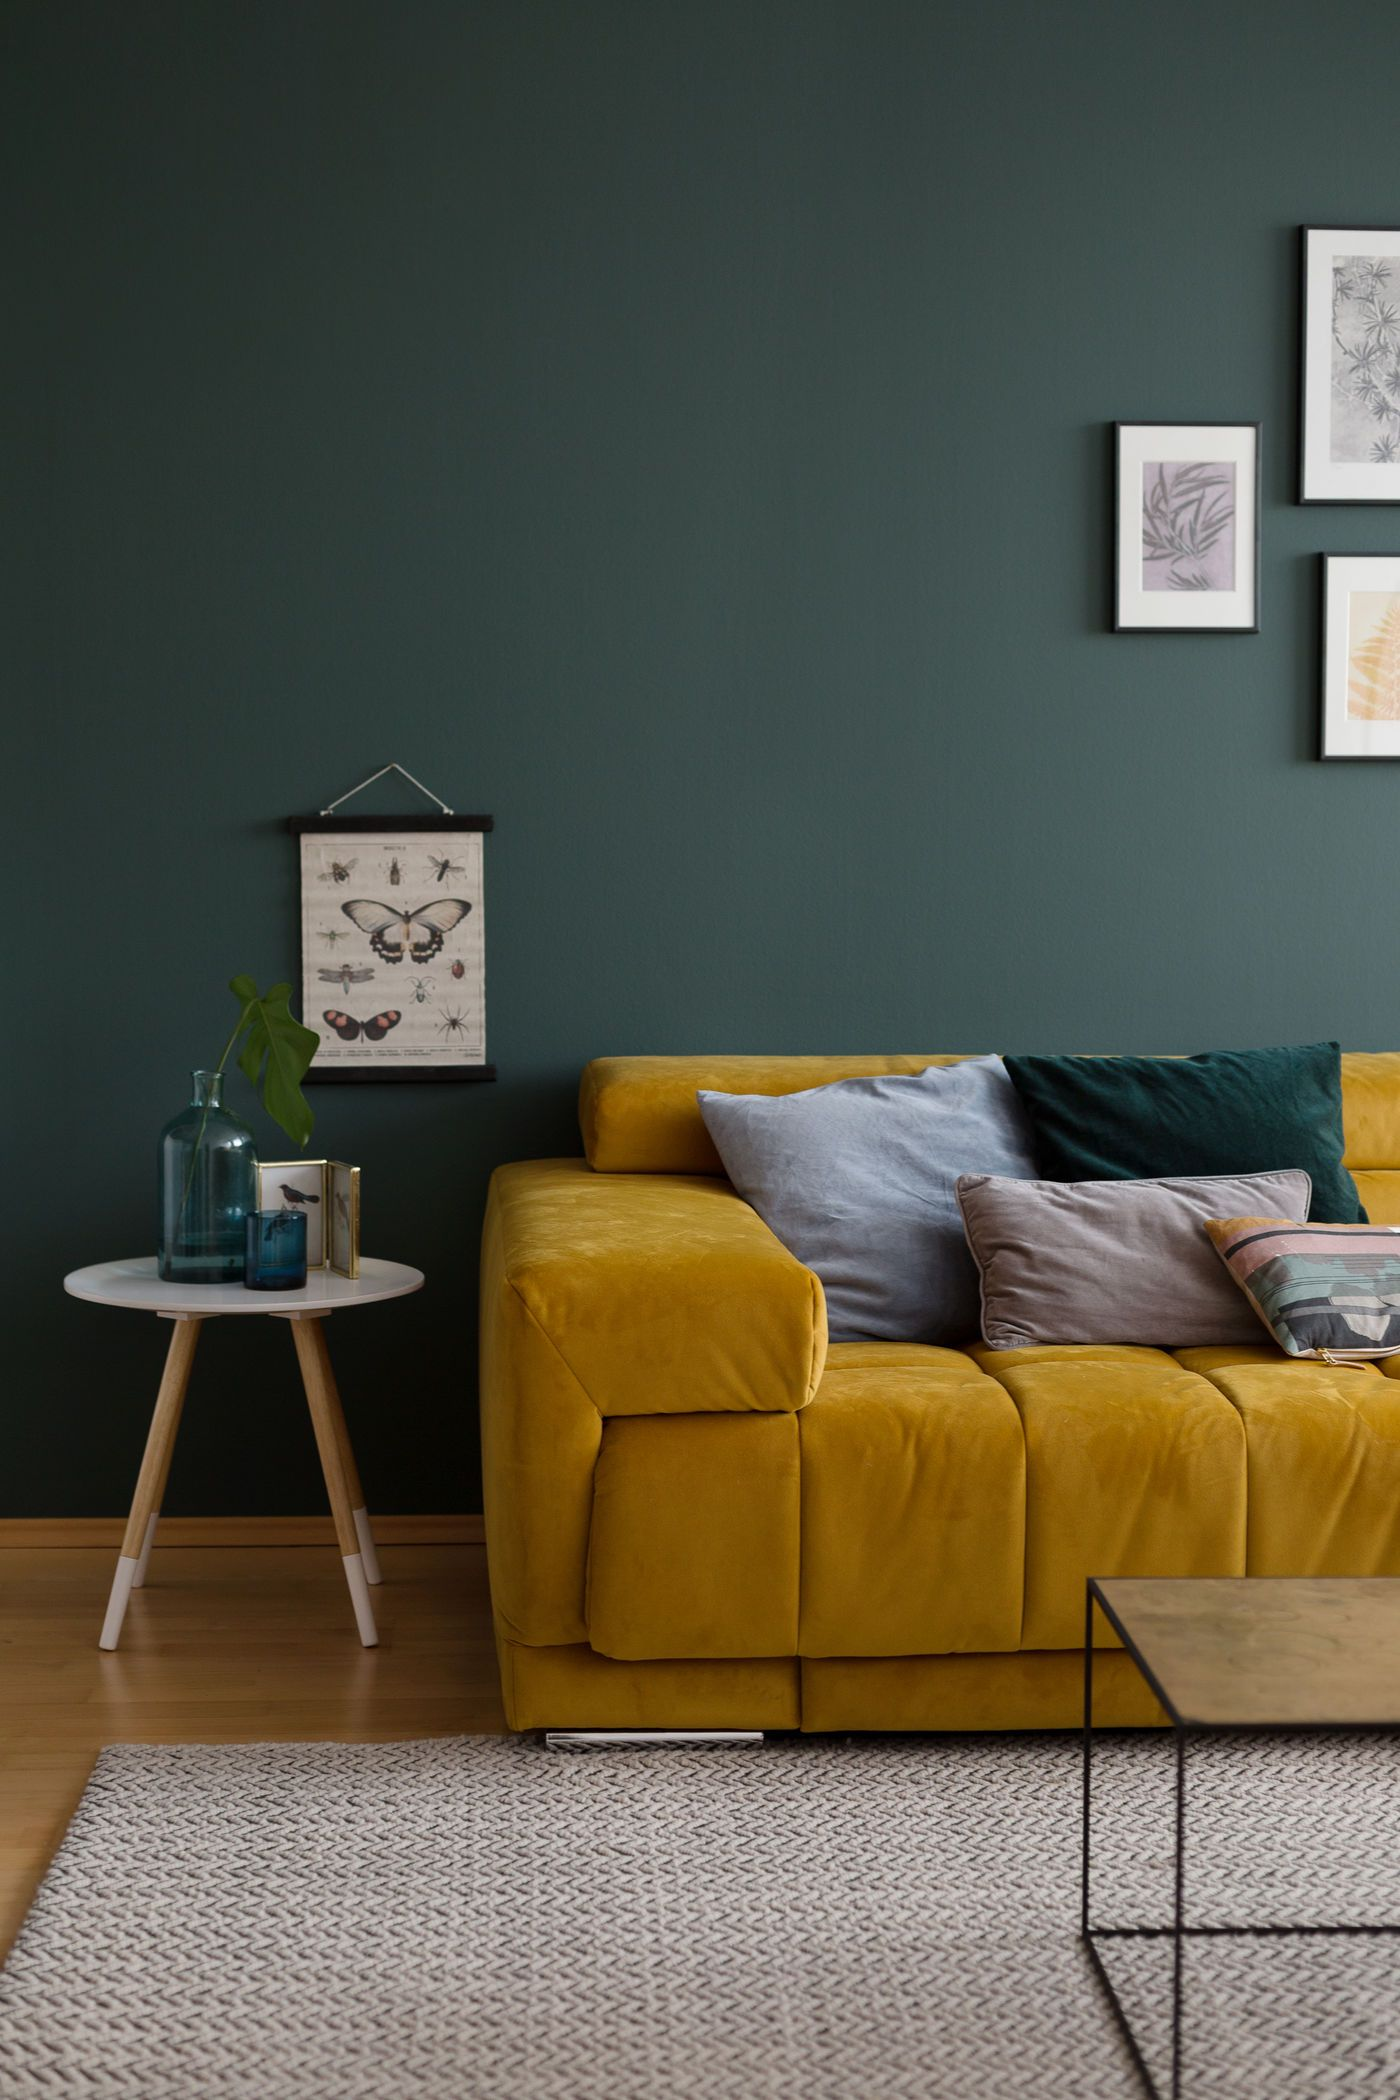 wandfarbe gr n die besten ideen und tipps zum streichen. Black Bedroom Furniture Sets. Home Design Ideas